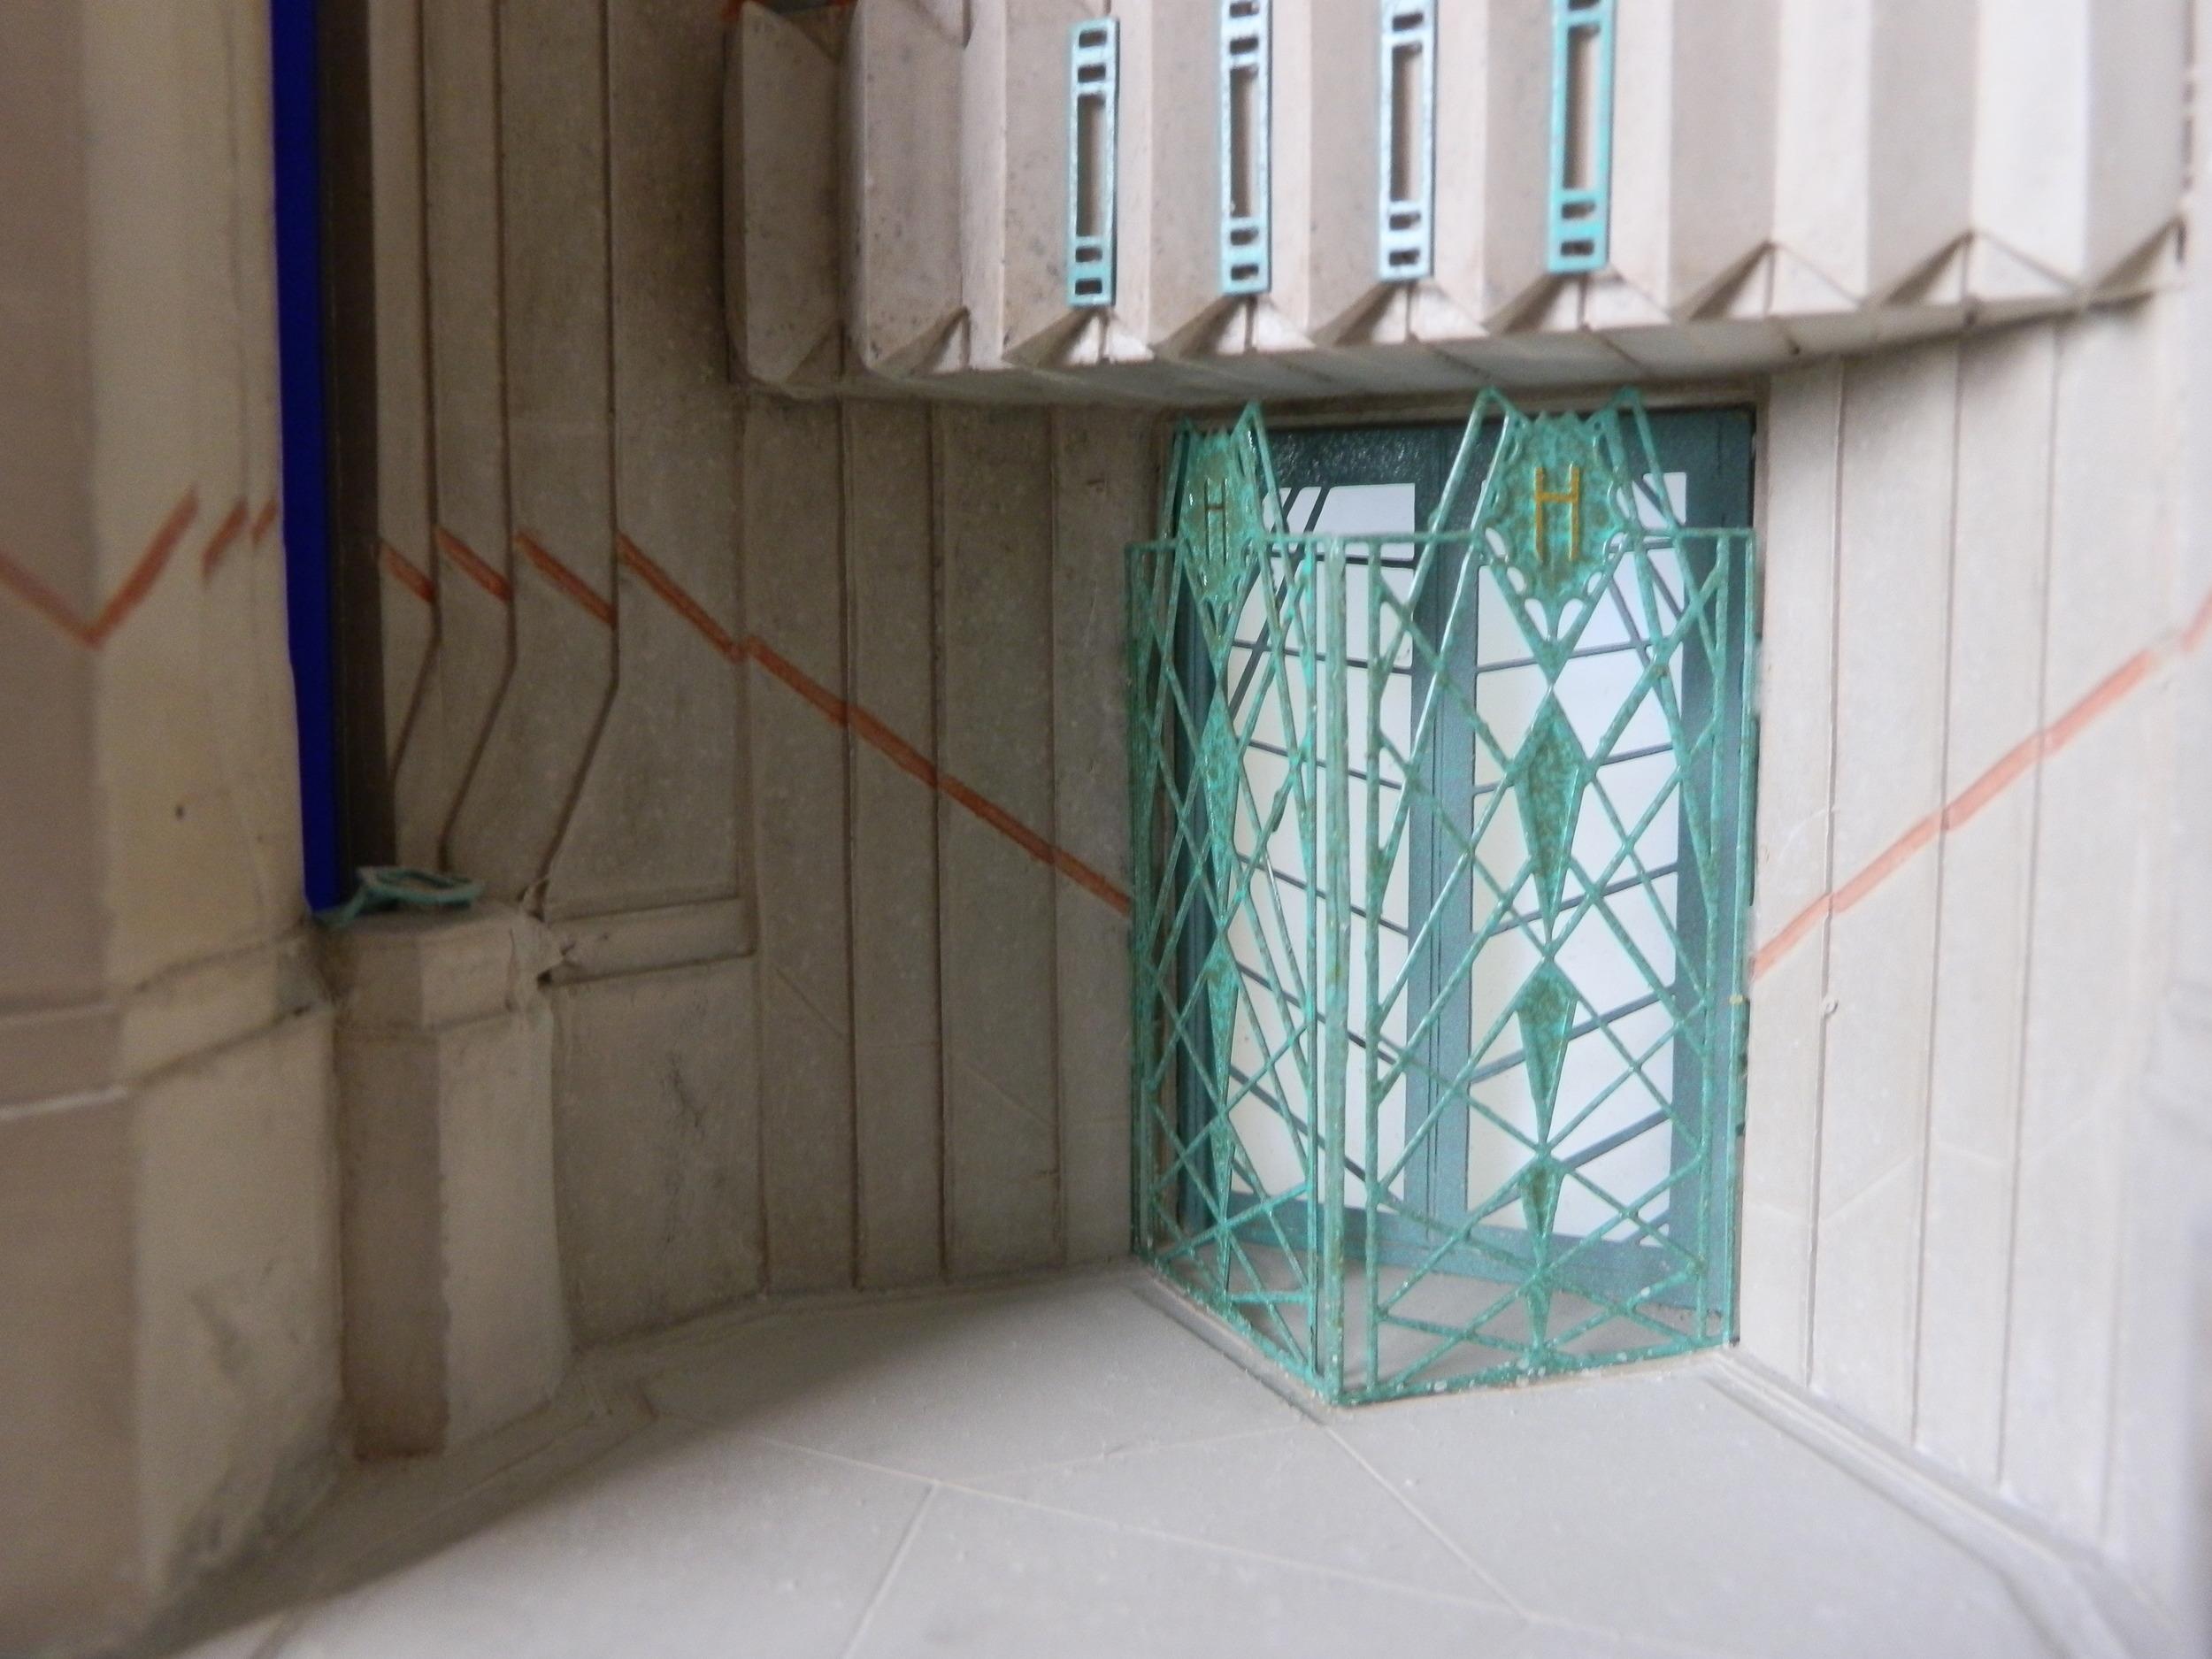 hoover-building (3).JPG